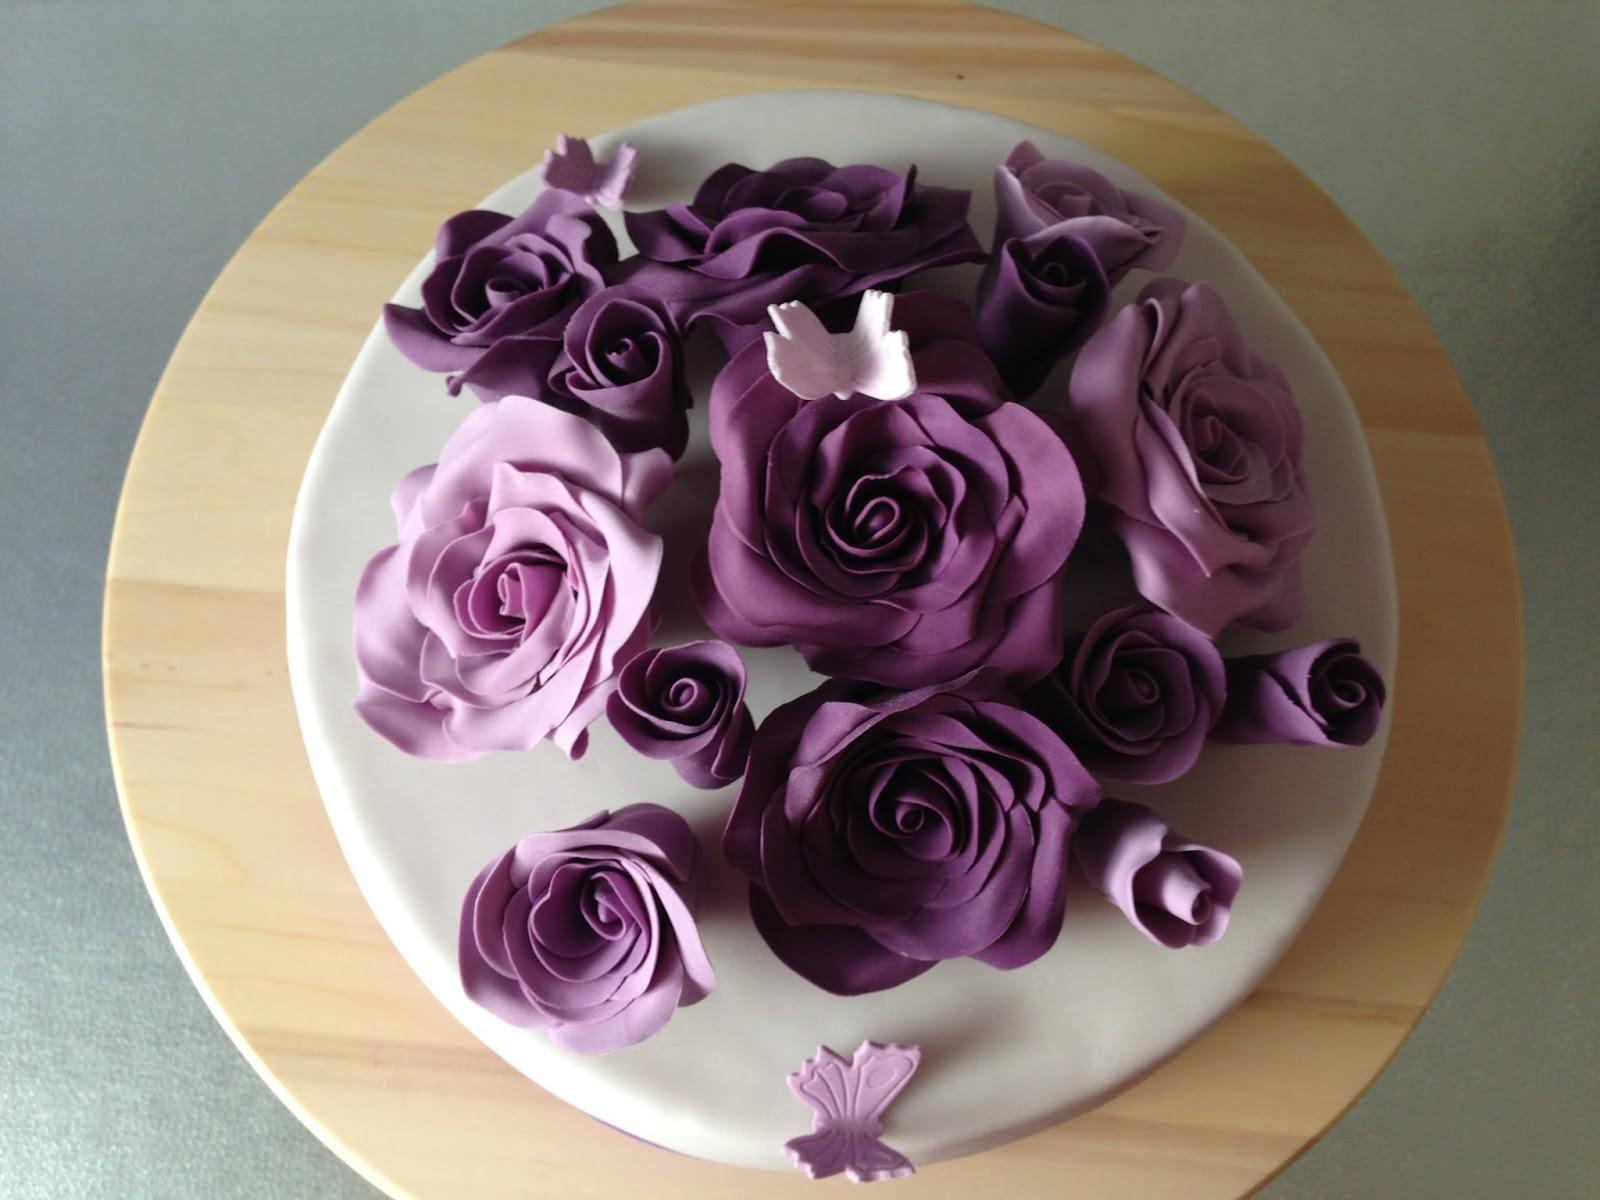 kathis tortenwerke update torte mit lila rosen und schmetterlingen. Black Bedroom Furniture Sets. Home Design Ideas